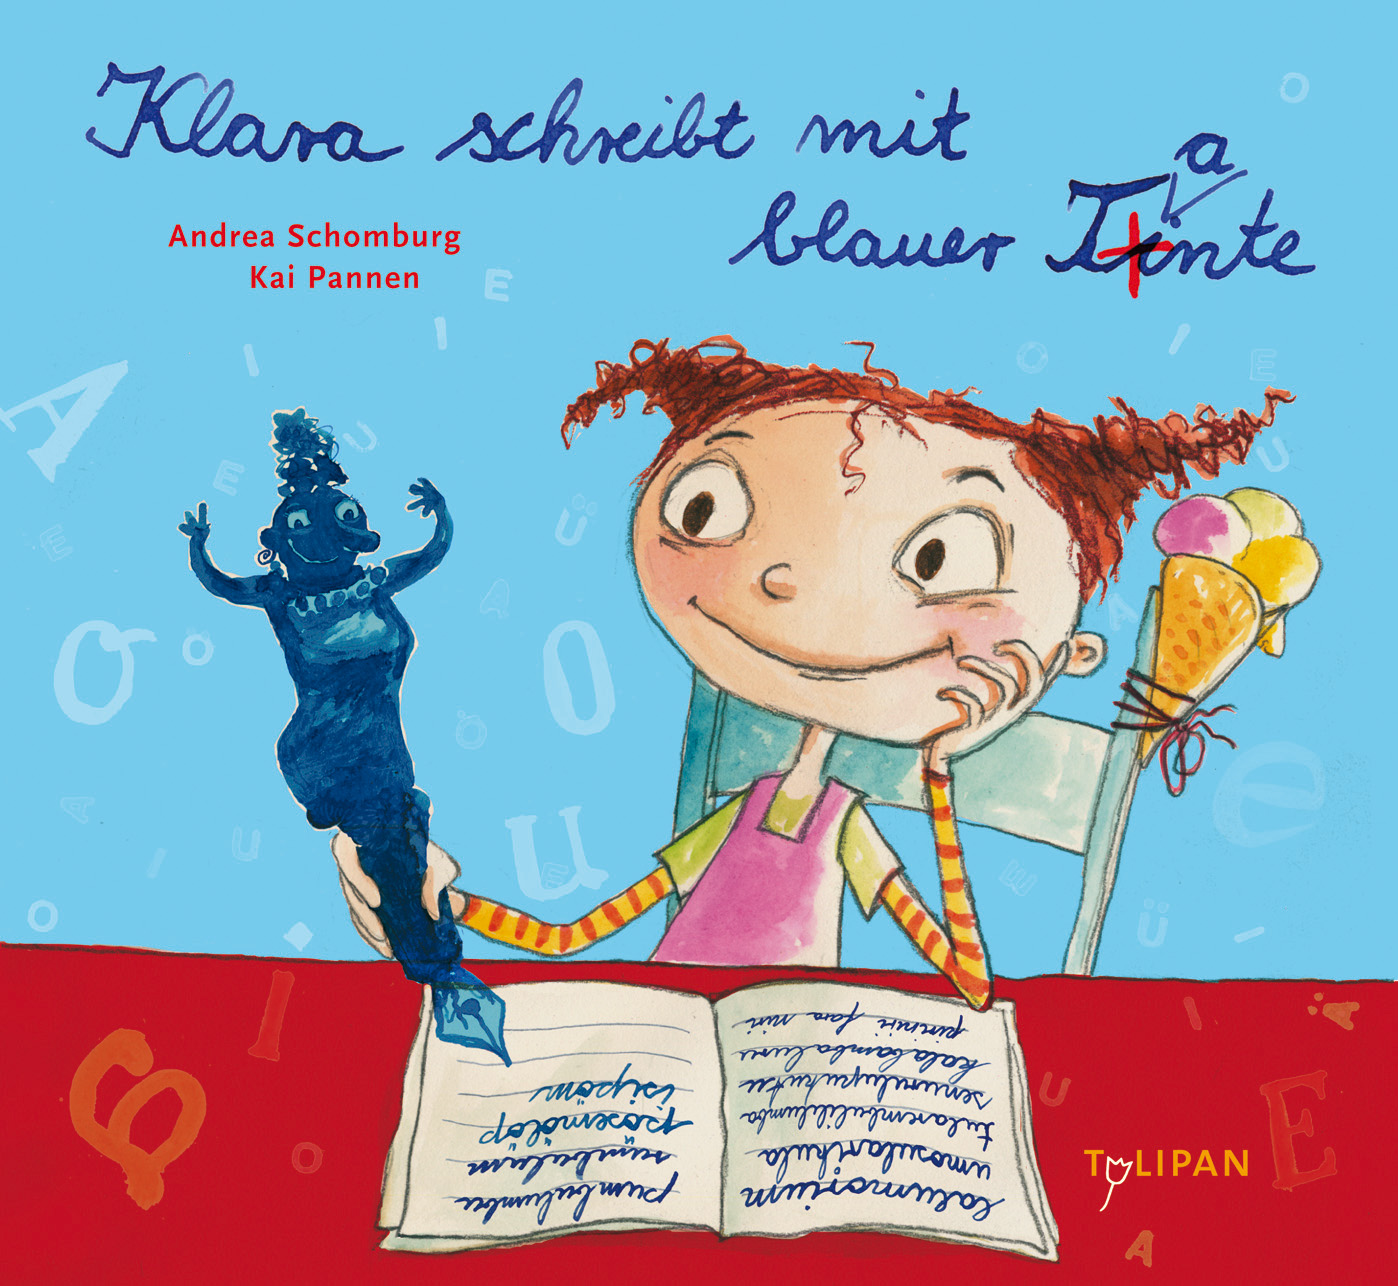 Klara schreibt mit blauer Tante Andrea Schomburg